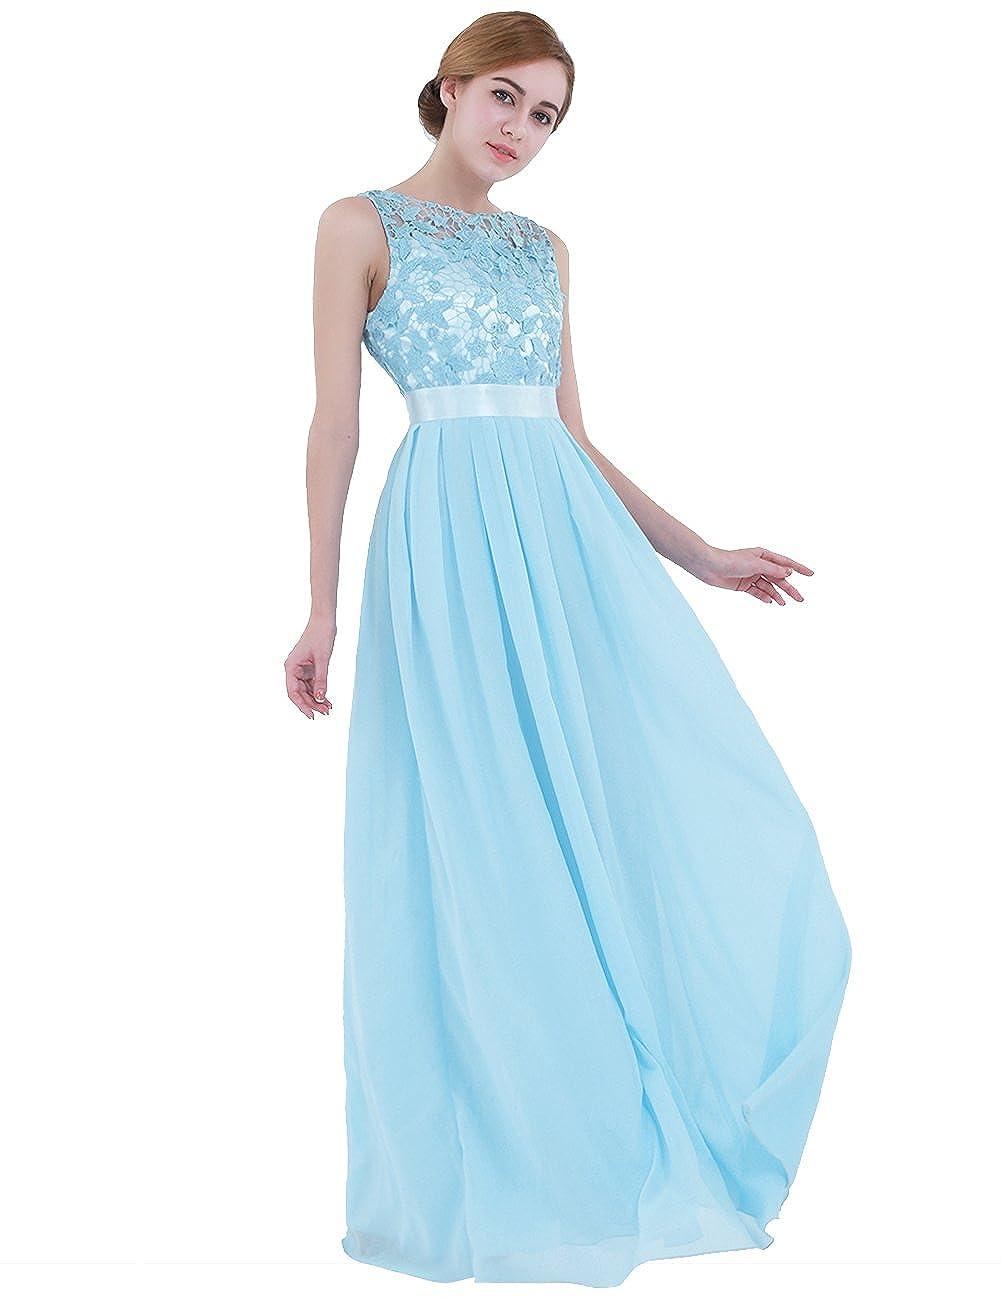 iiniim Mujer Vestido Largo Floreado de Fiesta Boda Dama de Honor de Novia Elegente Vestido Vintage Retro Encaje Traje de Gasa para Mujeres Varias Tallas: ...